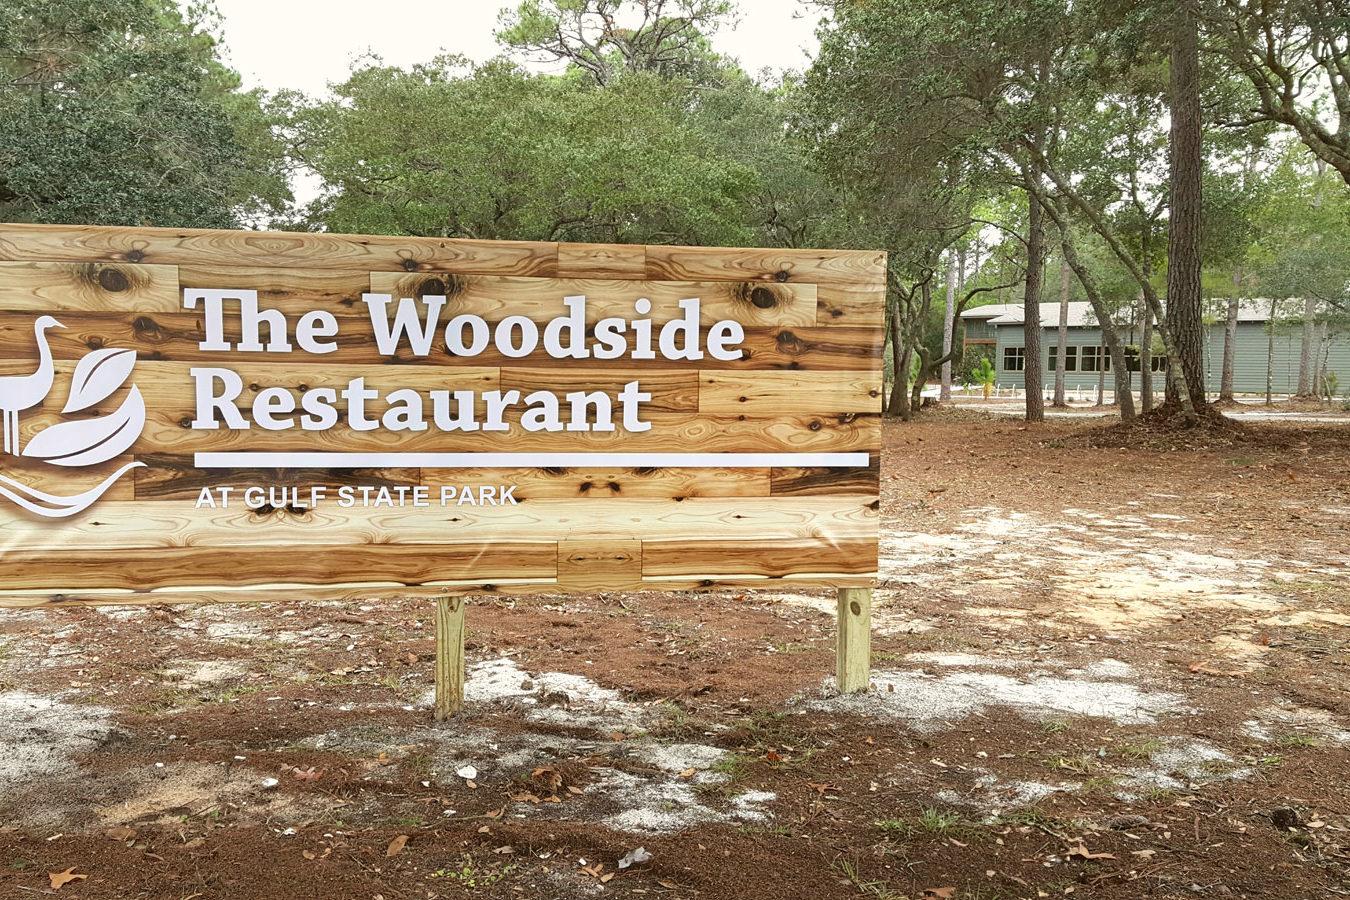 Woodside Restaurant Sign